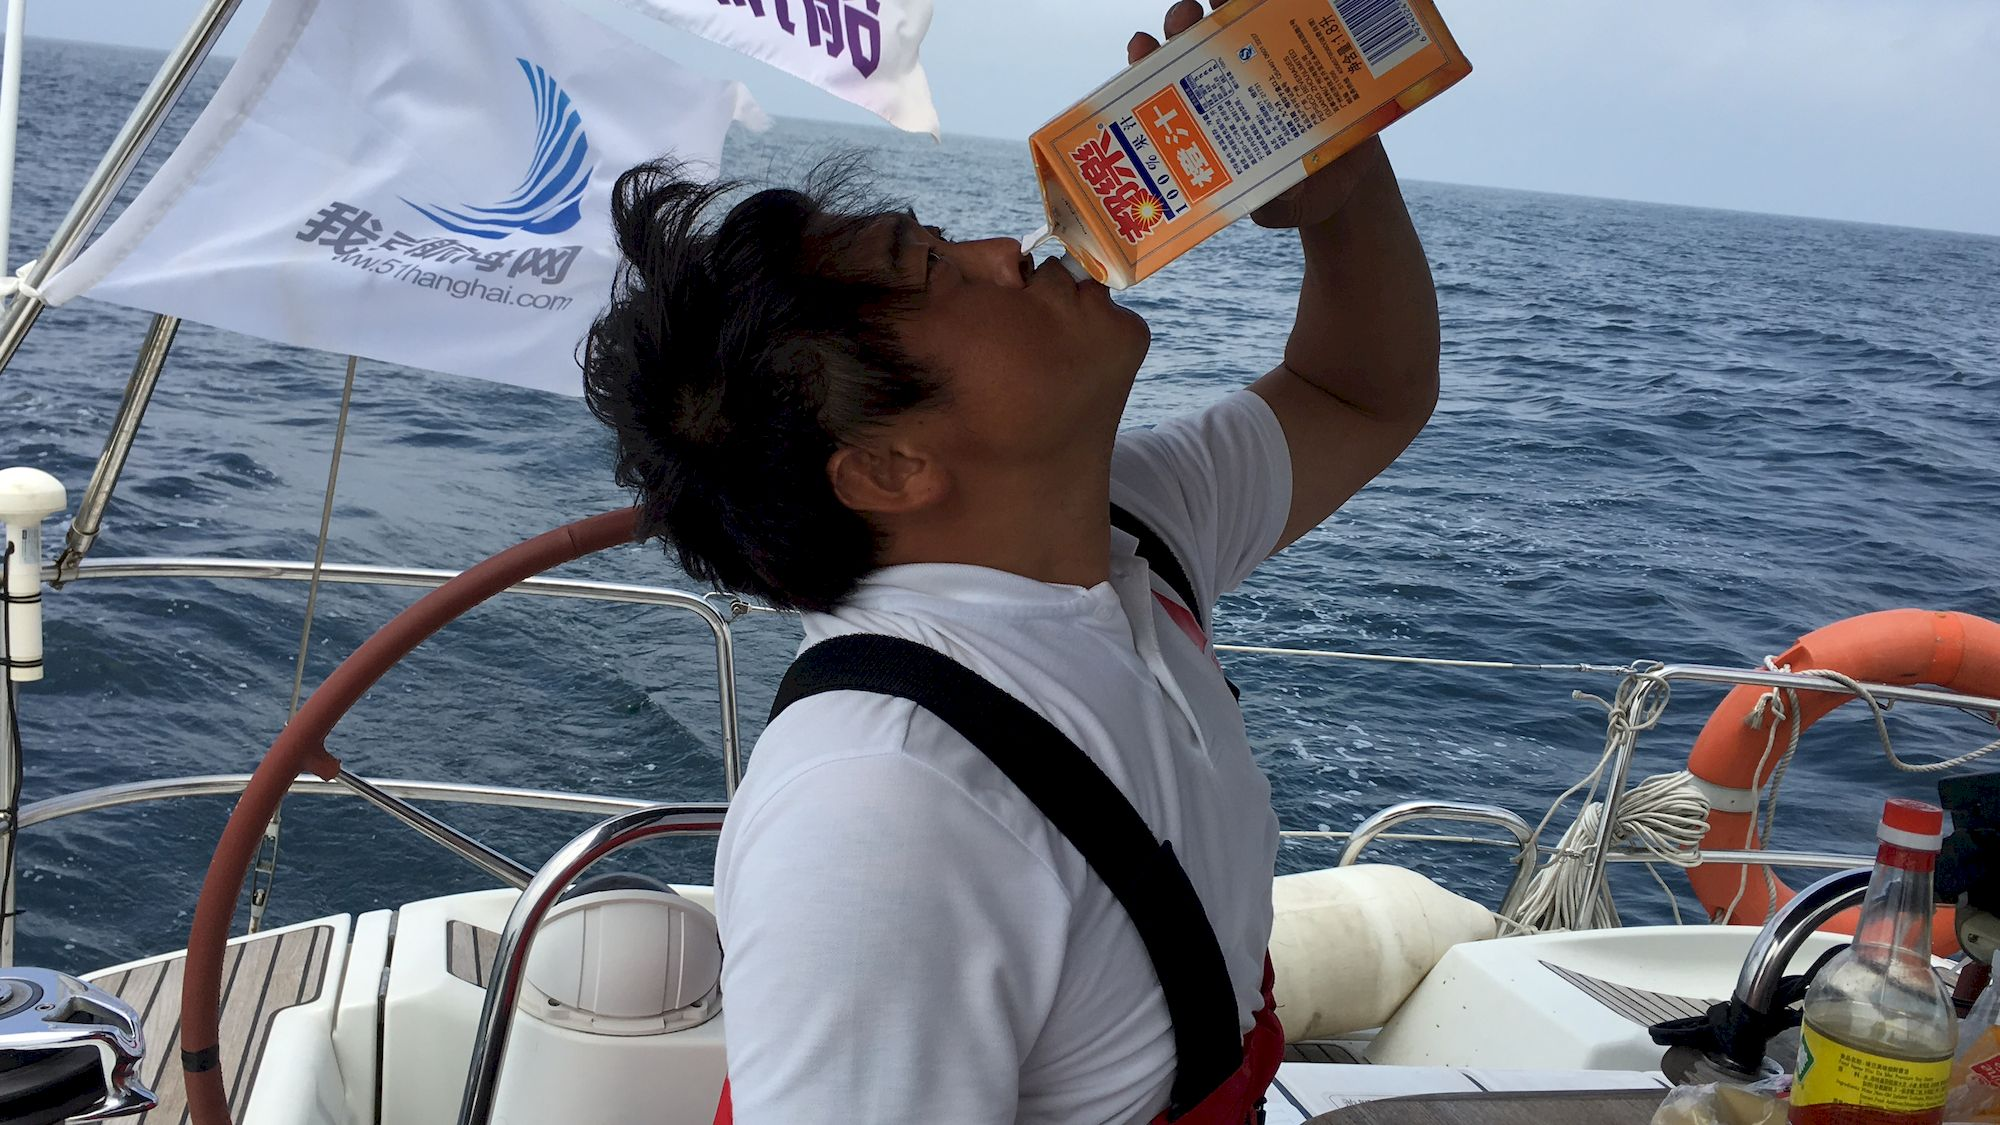 新西兰,跆拳道,俱乐部,拉力赛,青岛 向着太阳升起的地方出发:记第一次跨国远航-千航帆船-51航海网队-2016威海仁川 012g-IMG_3038_千帆俱乐部我要航海网帆船队-2016威海-仁川国际帆船赛.JPG